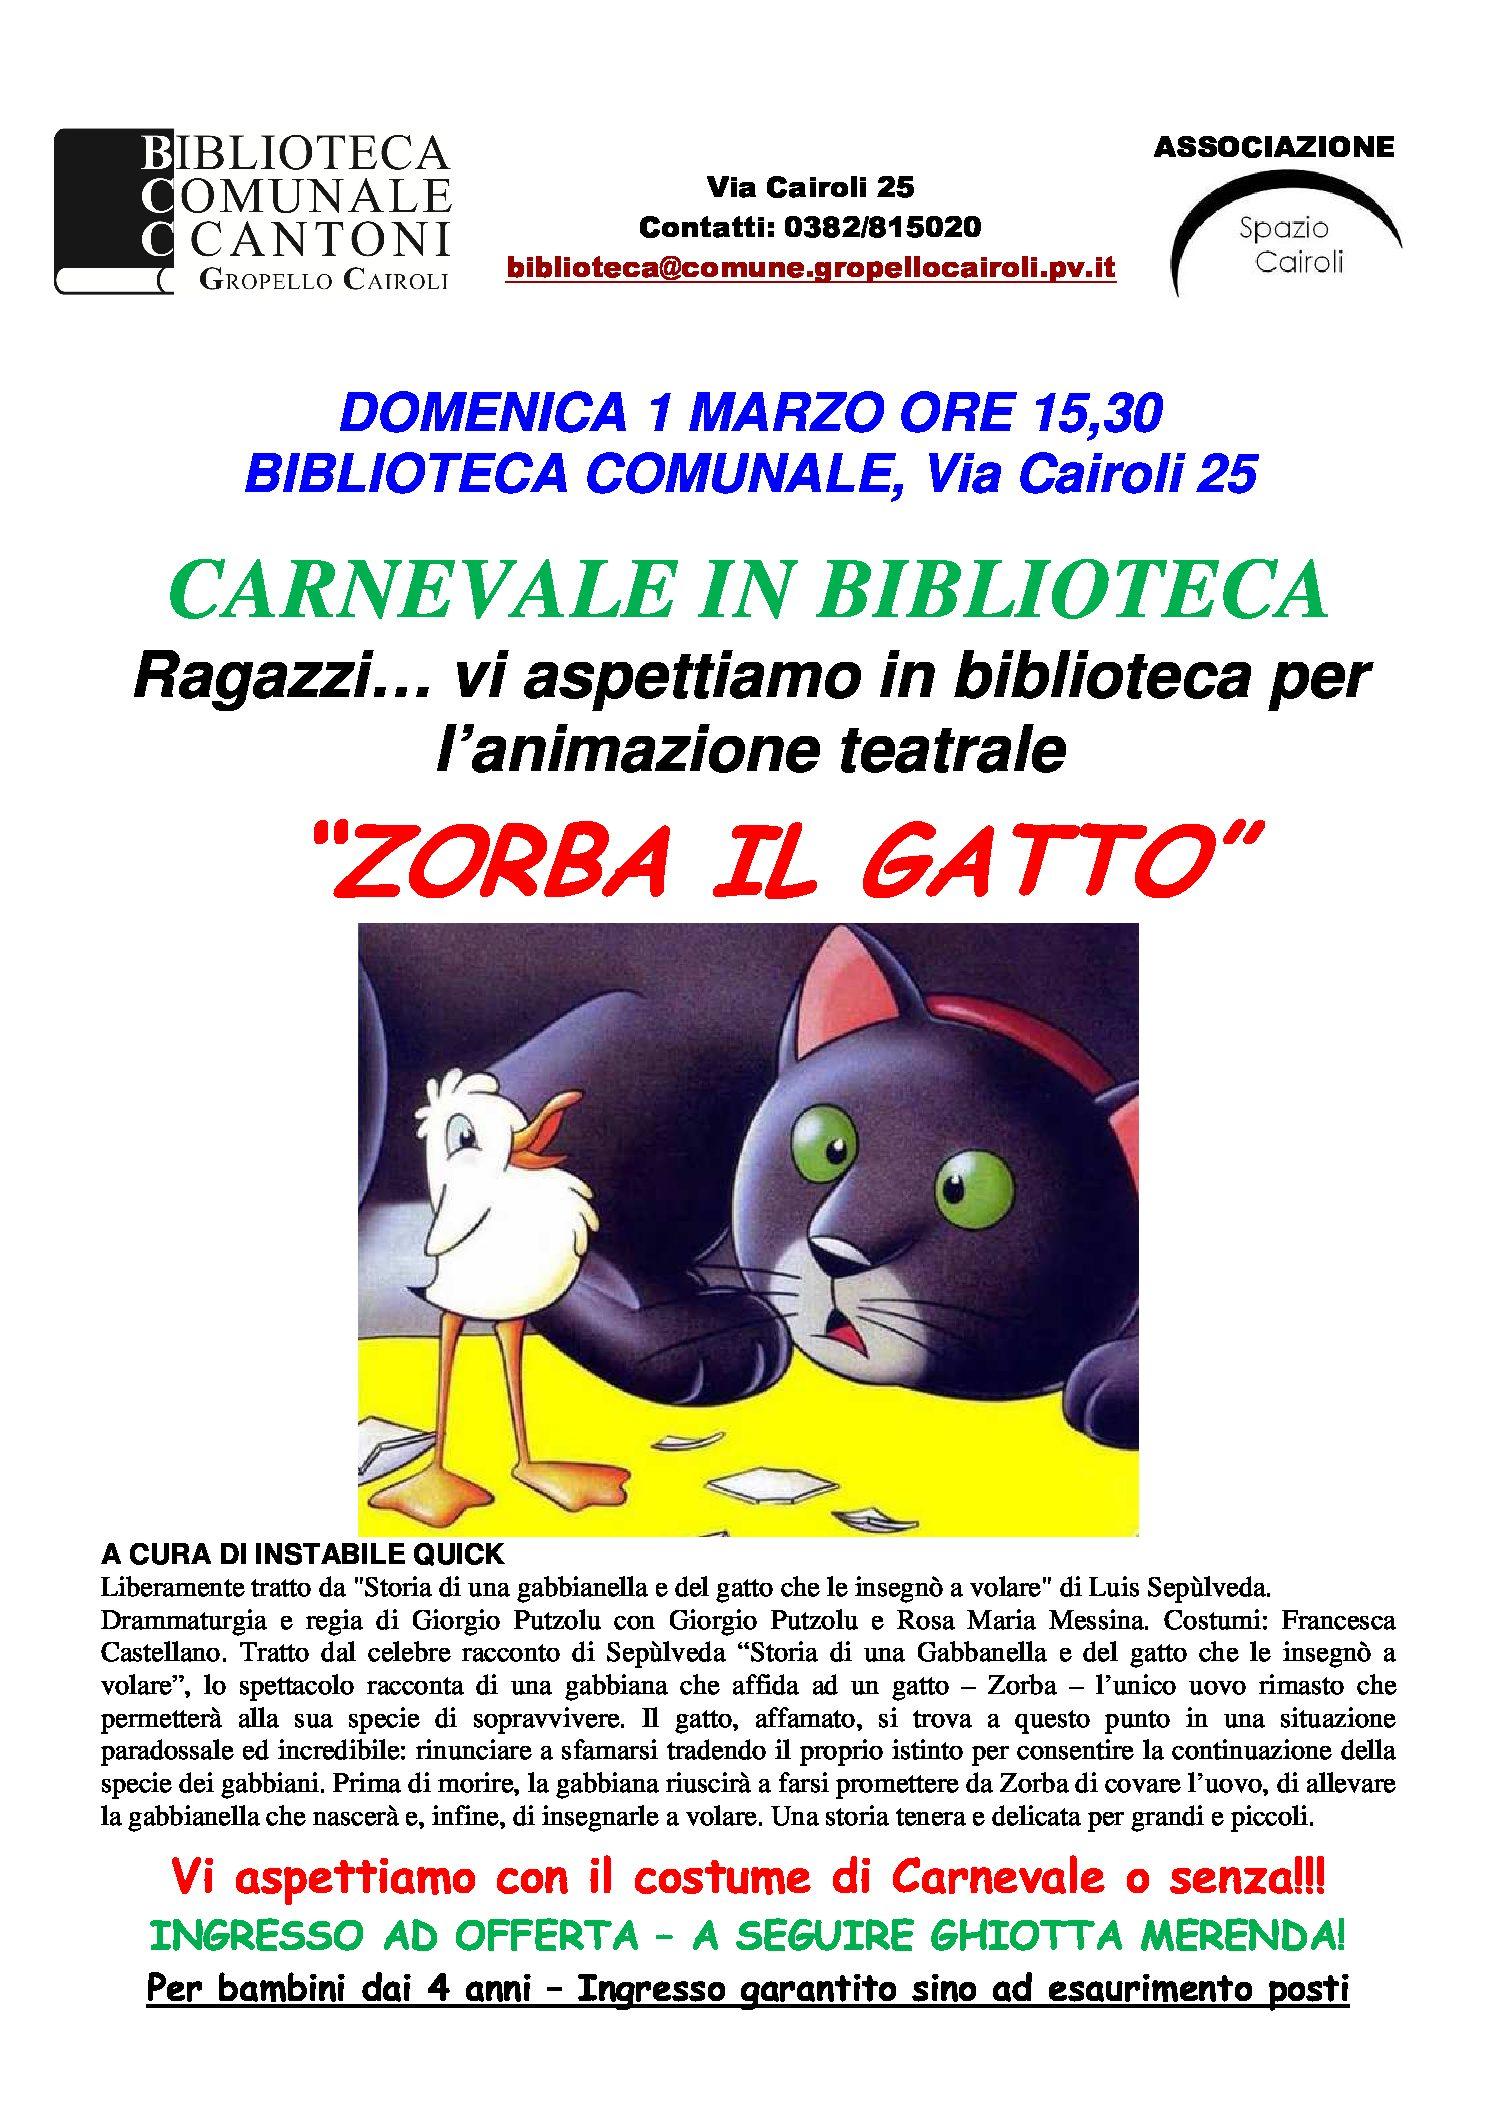 """Biblioteca di Gropello C.: domenica 1 marzo alle 15,30 animazione teatrale di Carnevale per bambini """"ZORBA IL GATTO"""" a cura di Instabile Quick"""